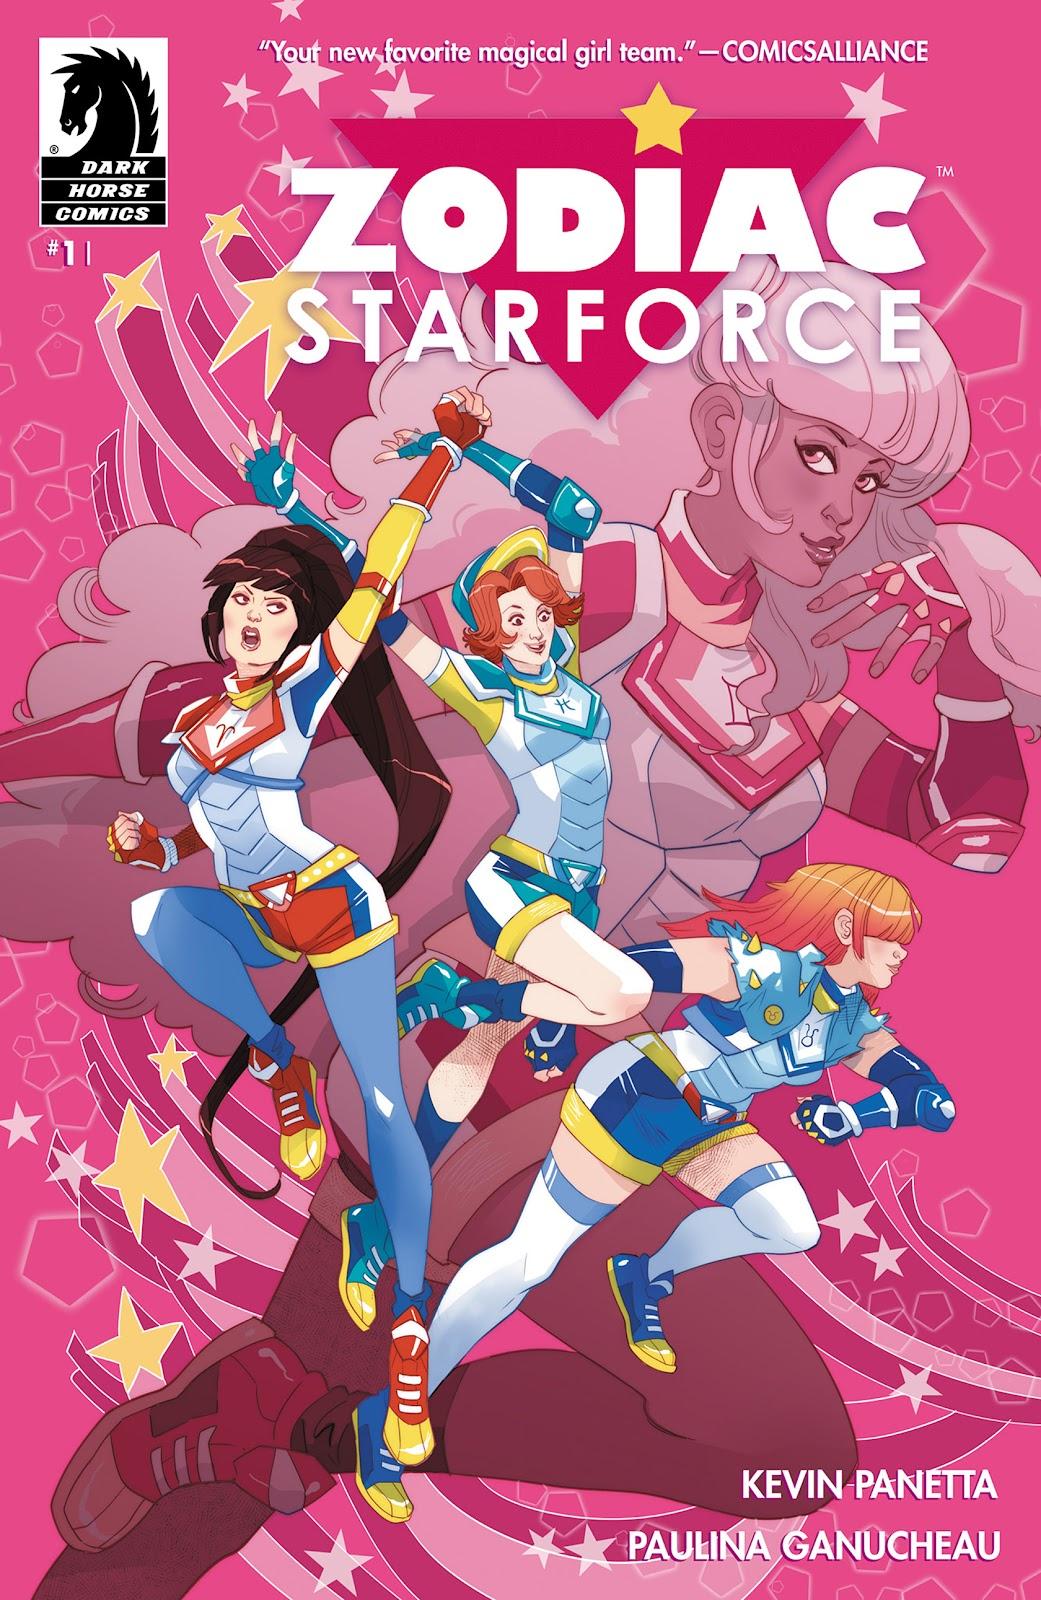 Zodiac Starforce 1 Page 1